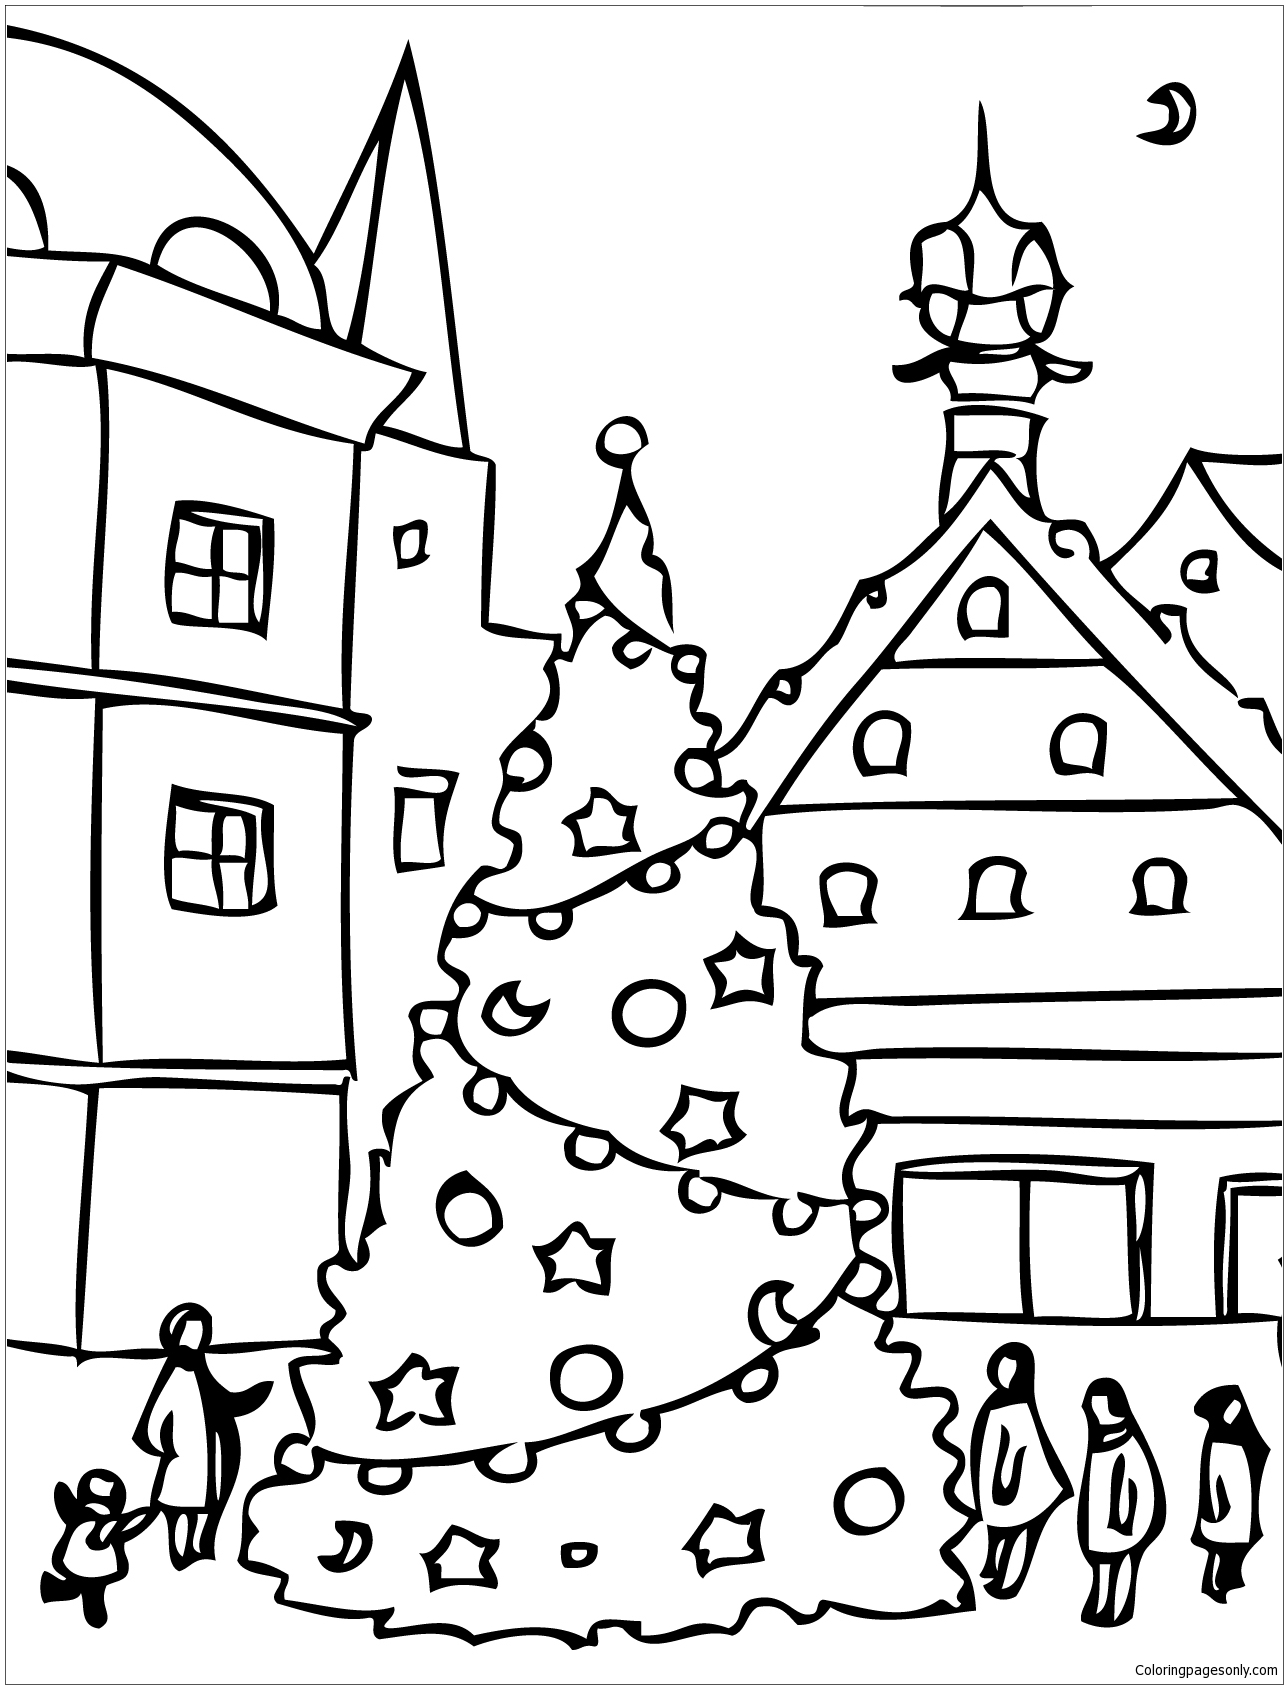 Christmas Day Drawing At Getdrawings